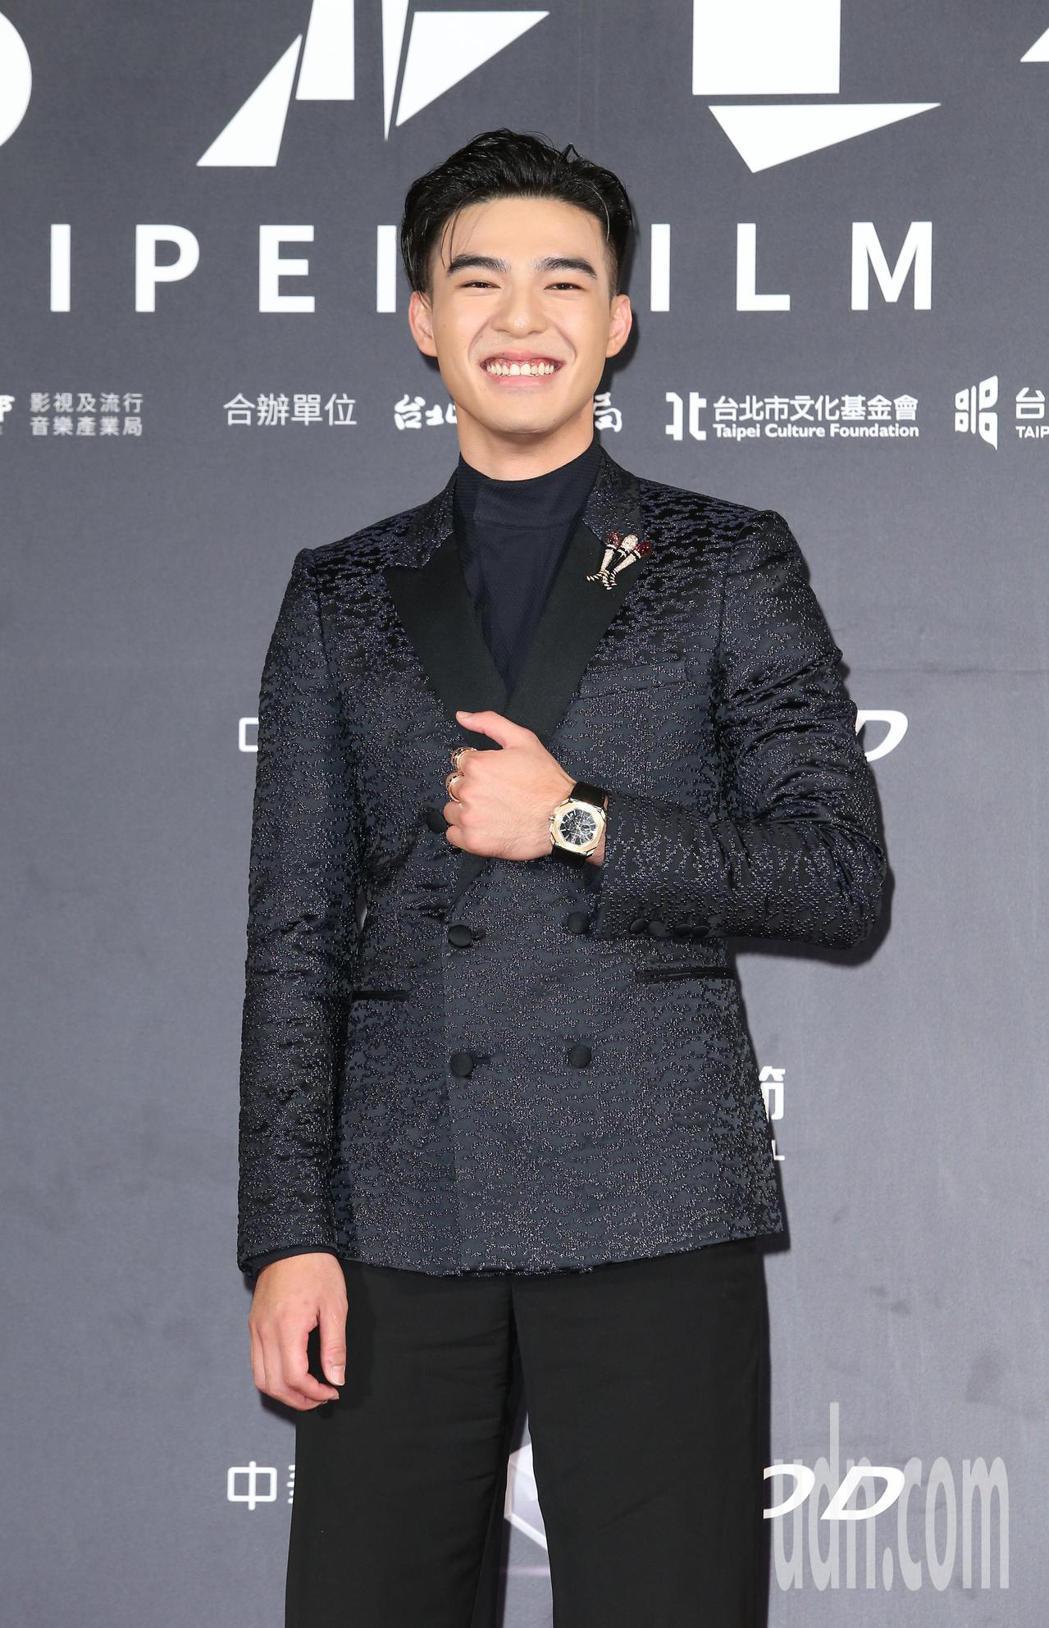 陳昊森出席台北電影獎。記者陳立凱/攝影